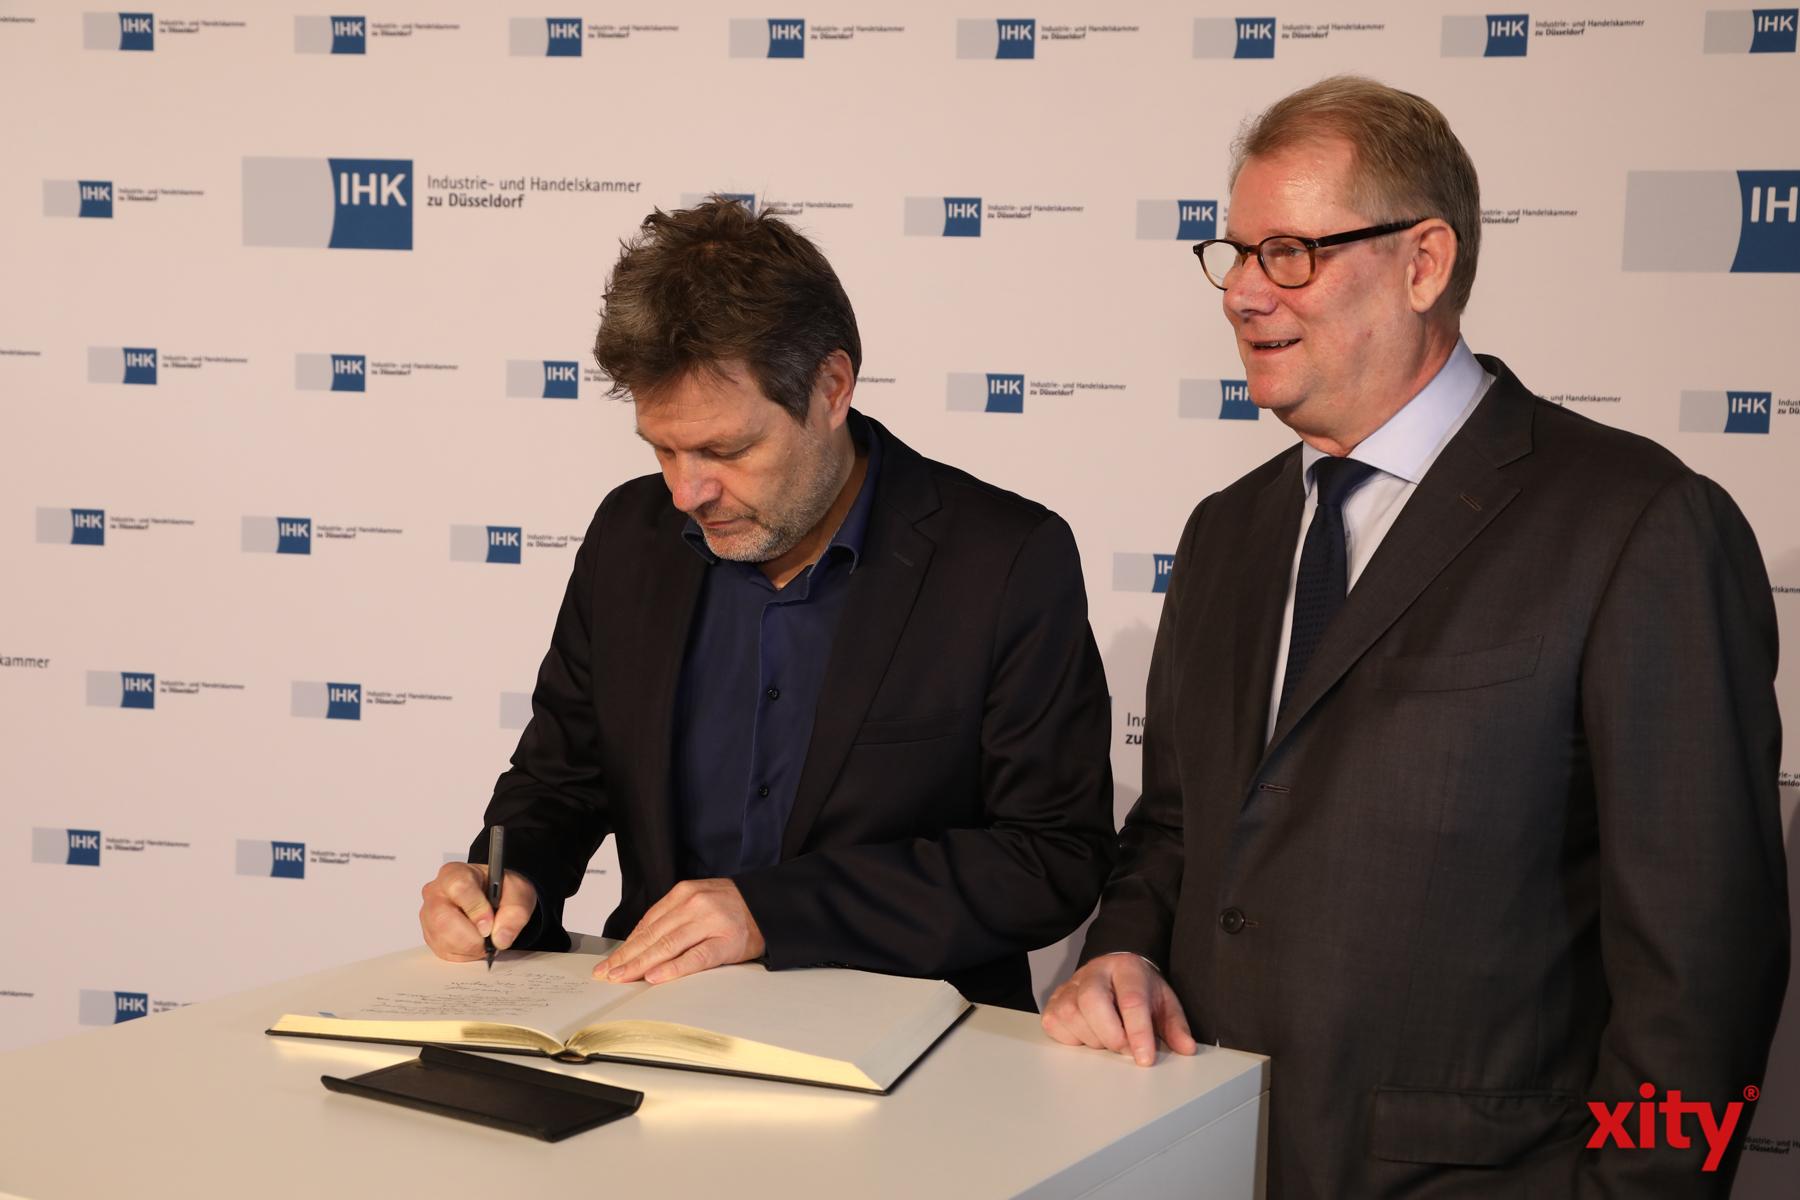 Robert Habeck trug sich ins Goldene Buch der IHK Düsseldorf ein (Foto: xity)